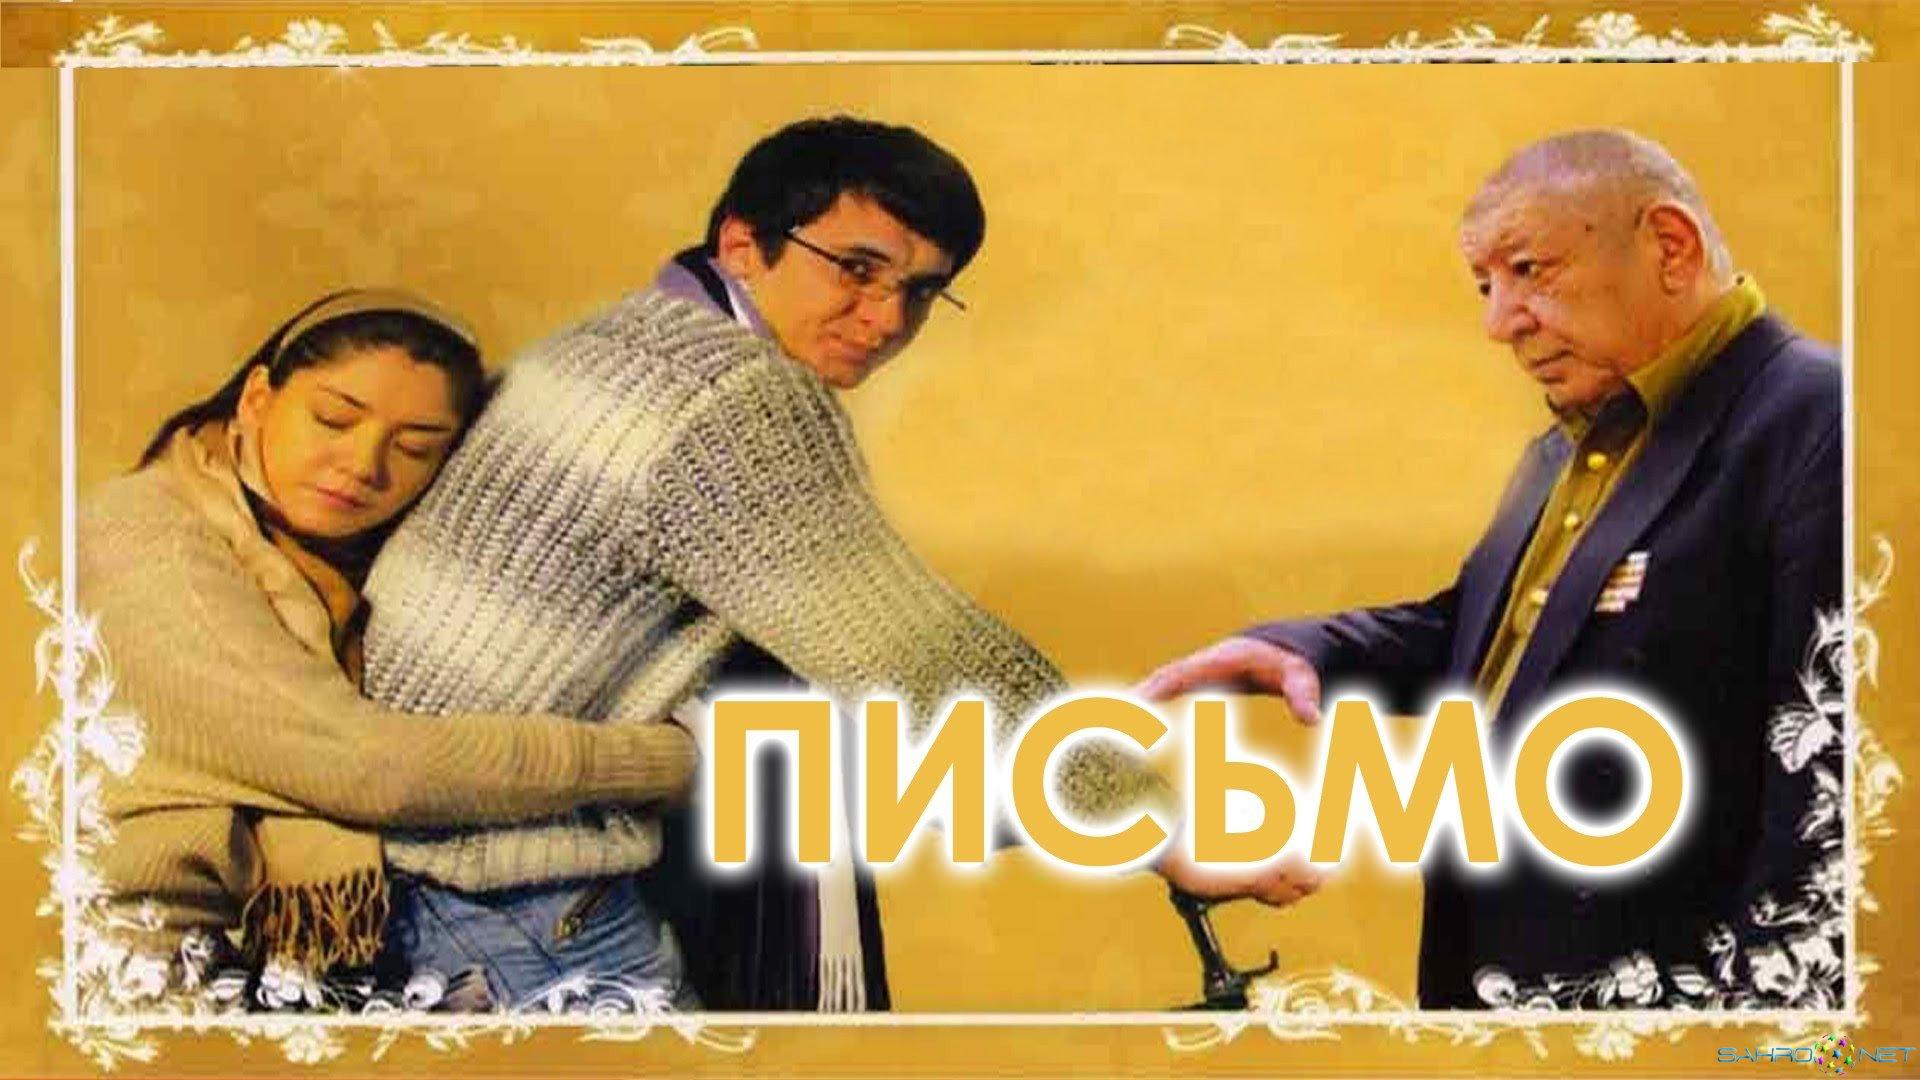 Узбекские фильмы на Русском языке онлайн)